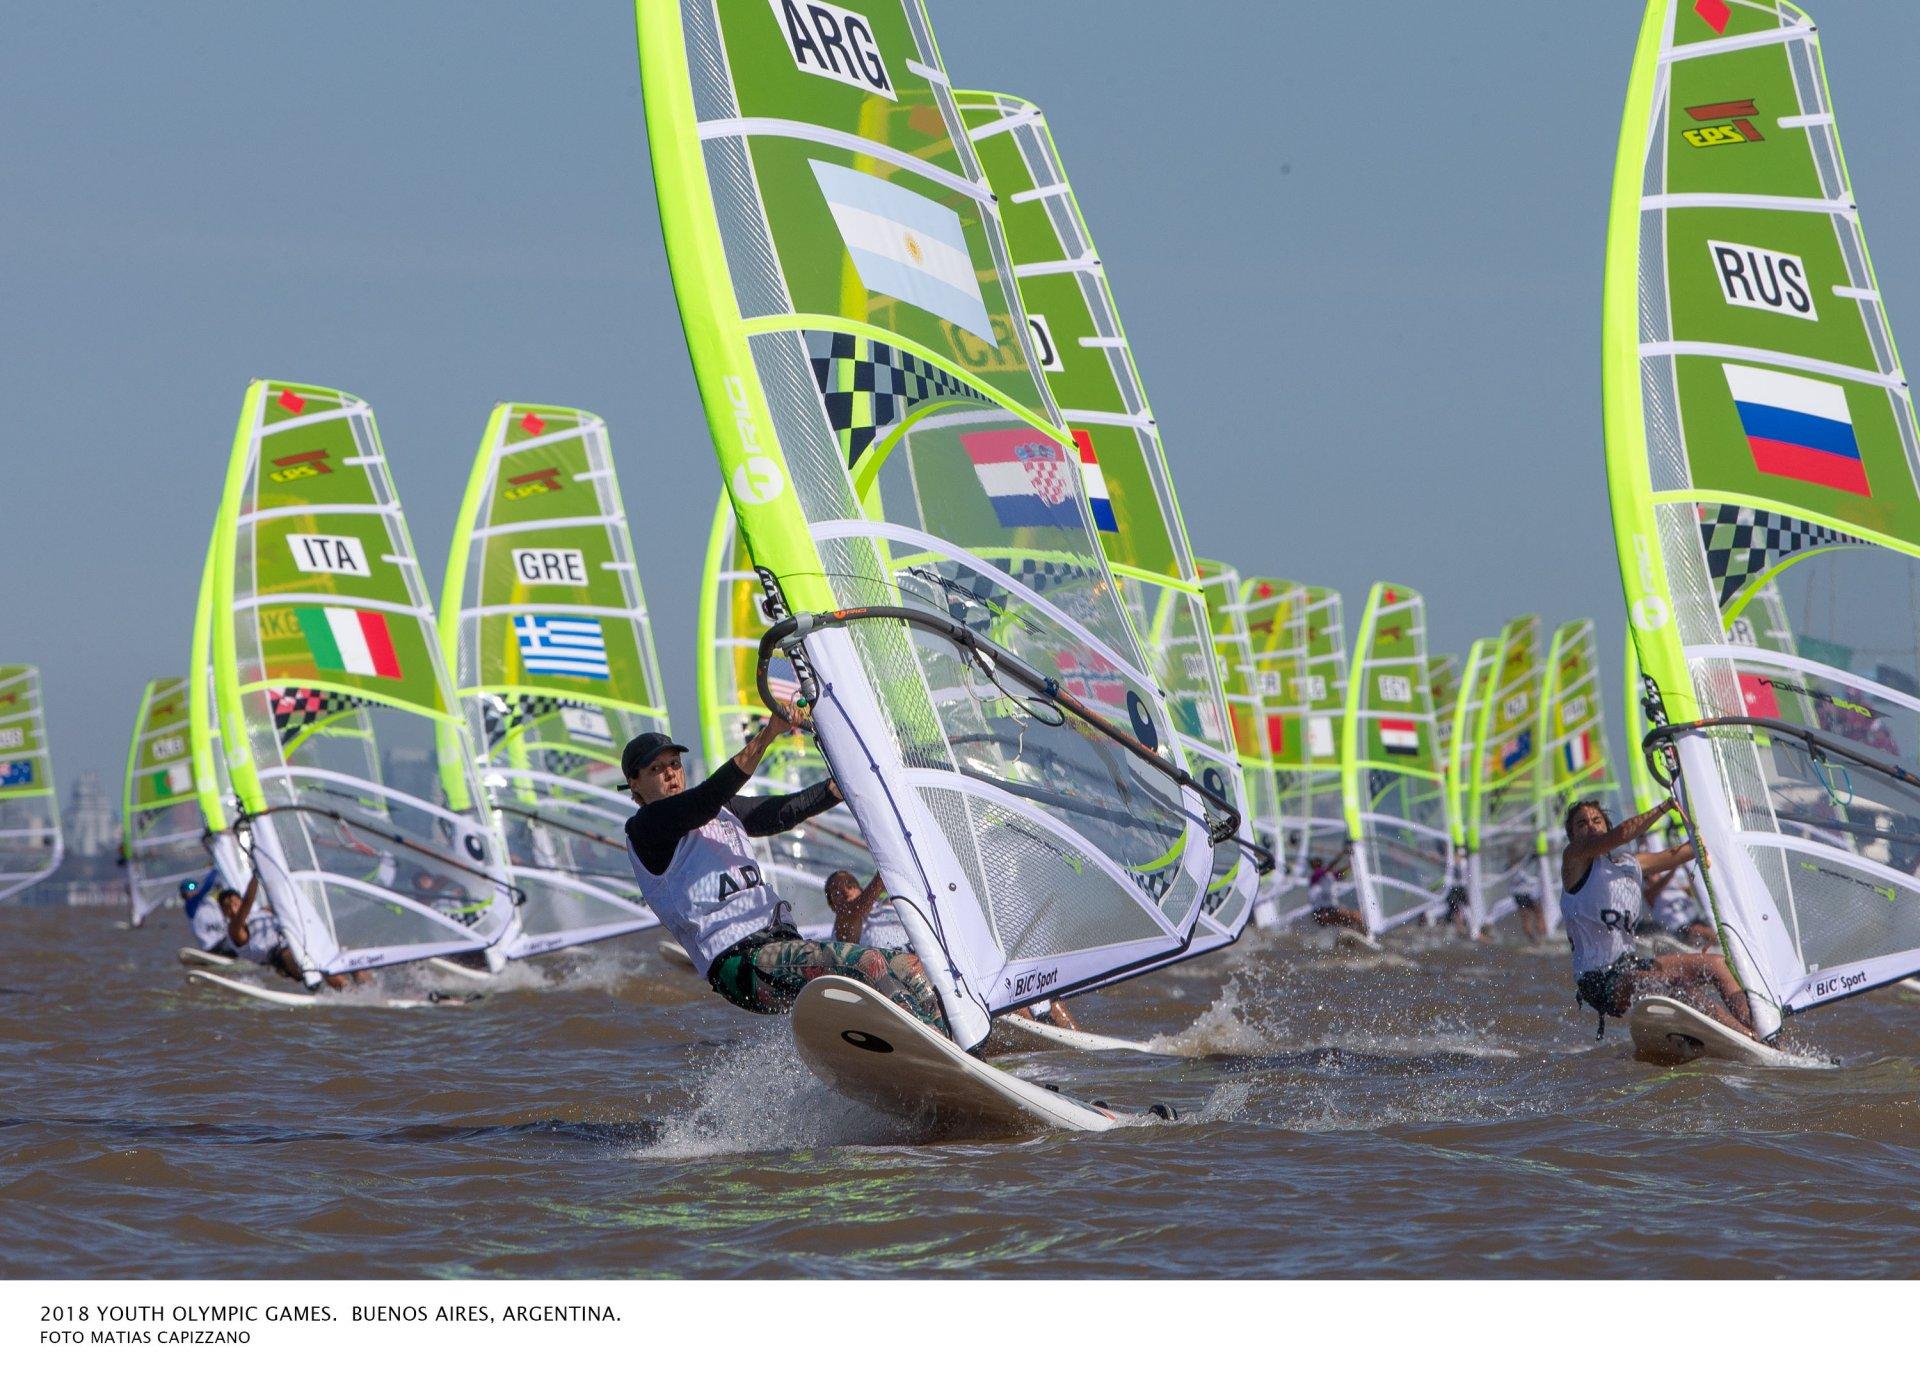 La Vela En Los Juegos De La Juventud Comenzo Con El Windsurf Fay